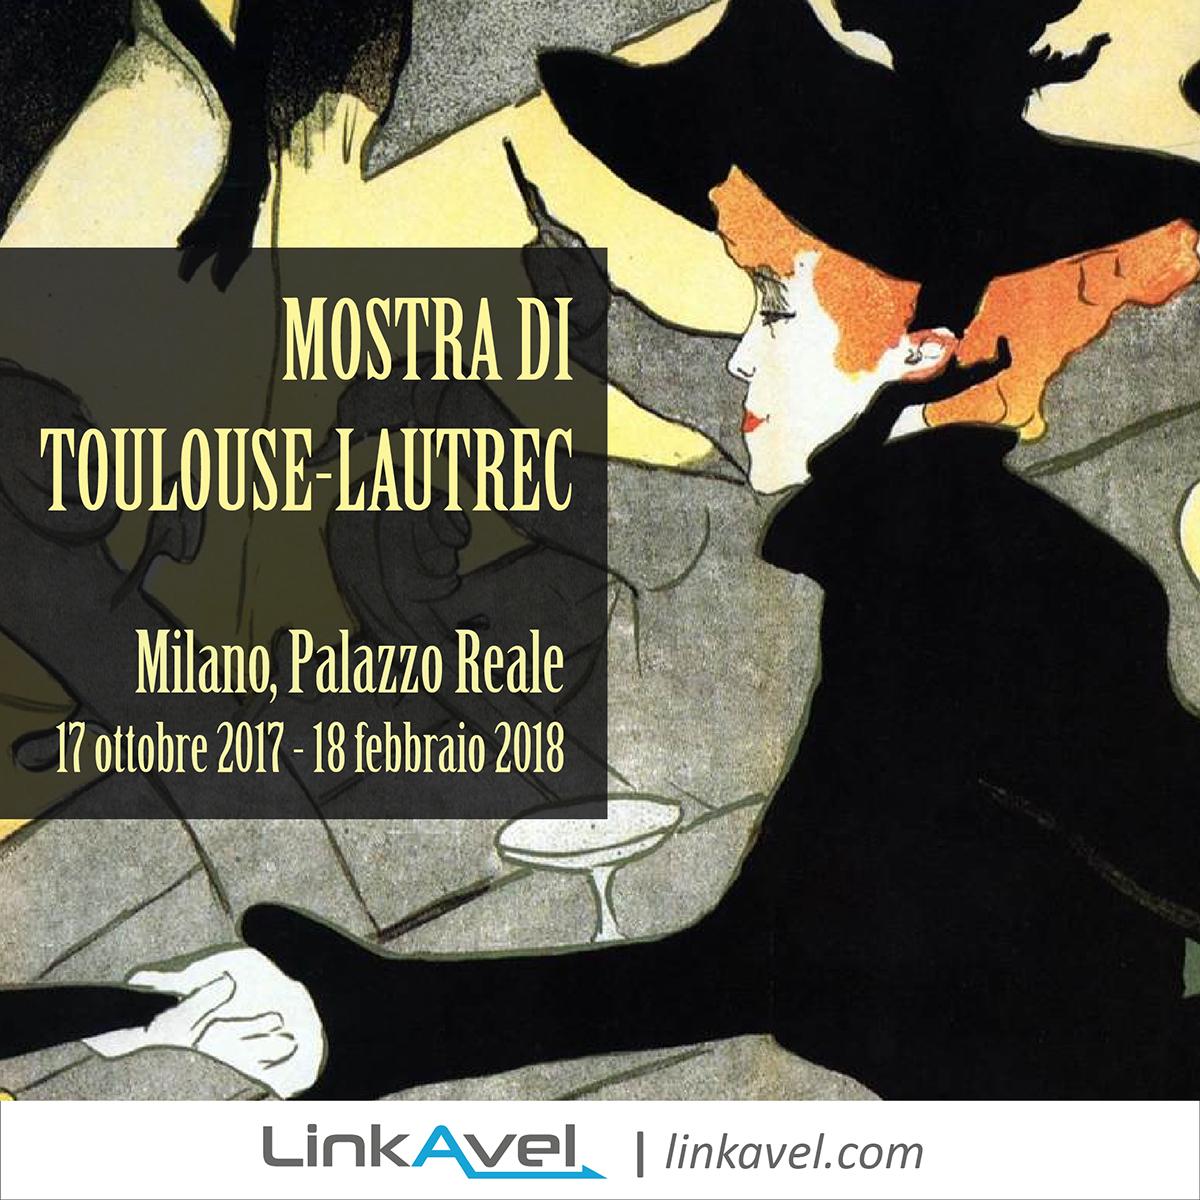 Mostra Toulouse-Lautrec Milano 2017-2018